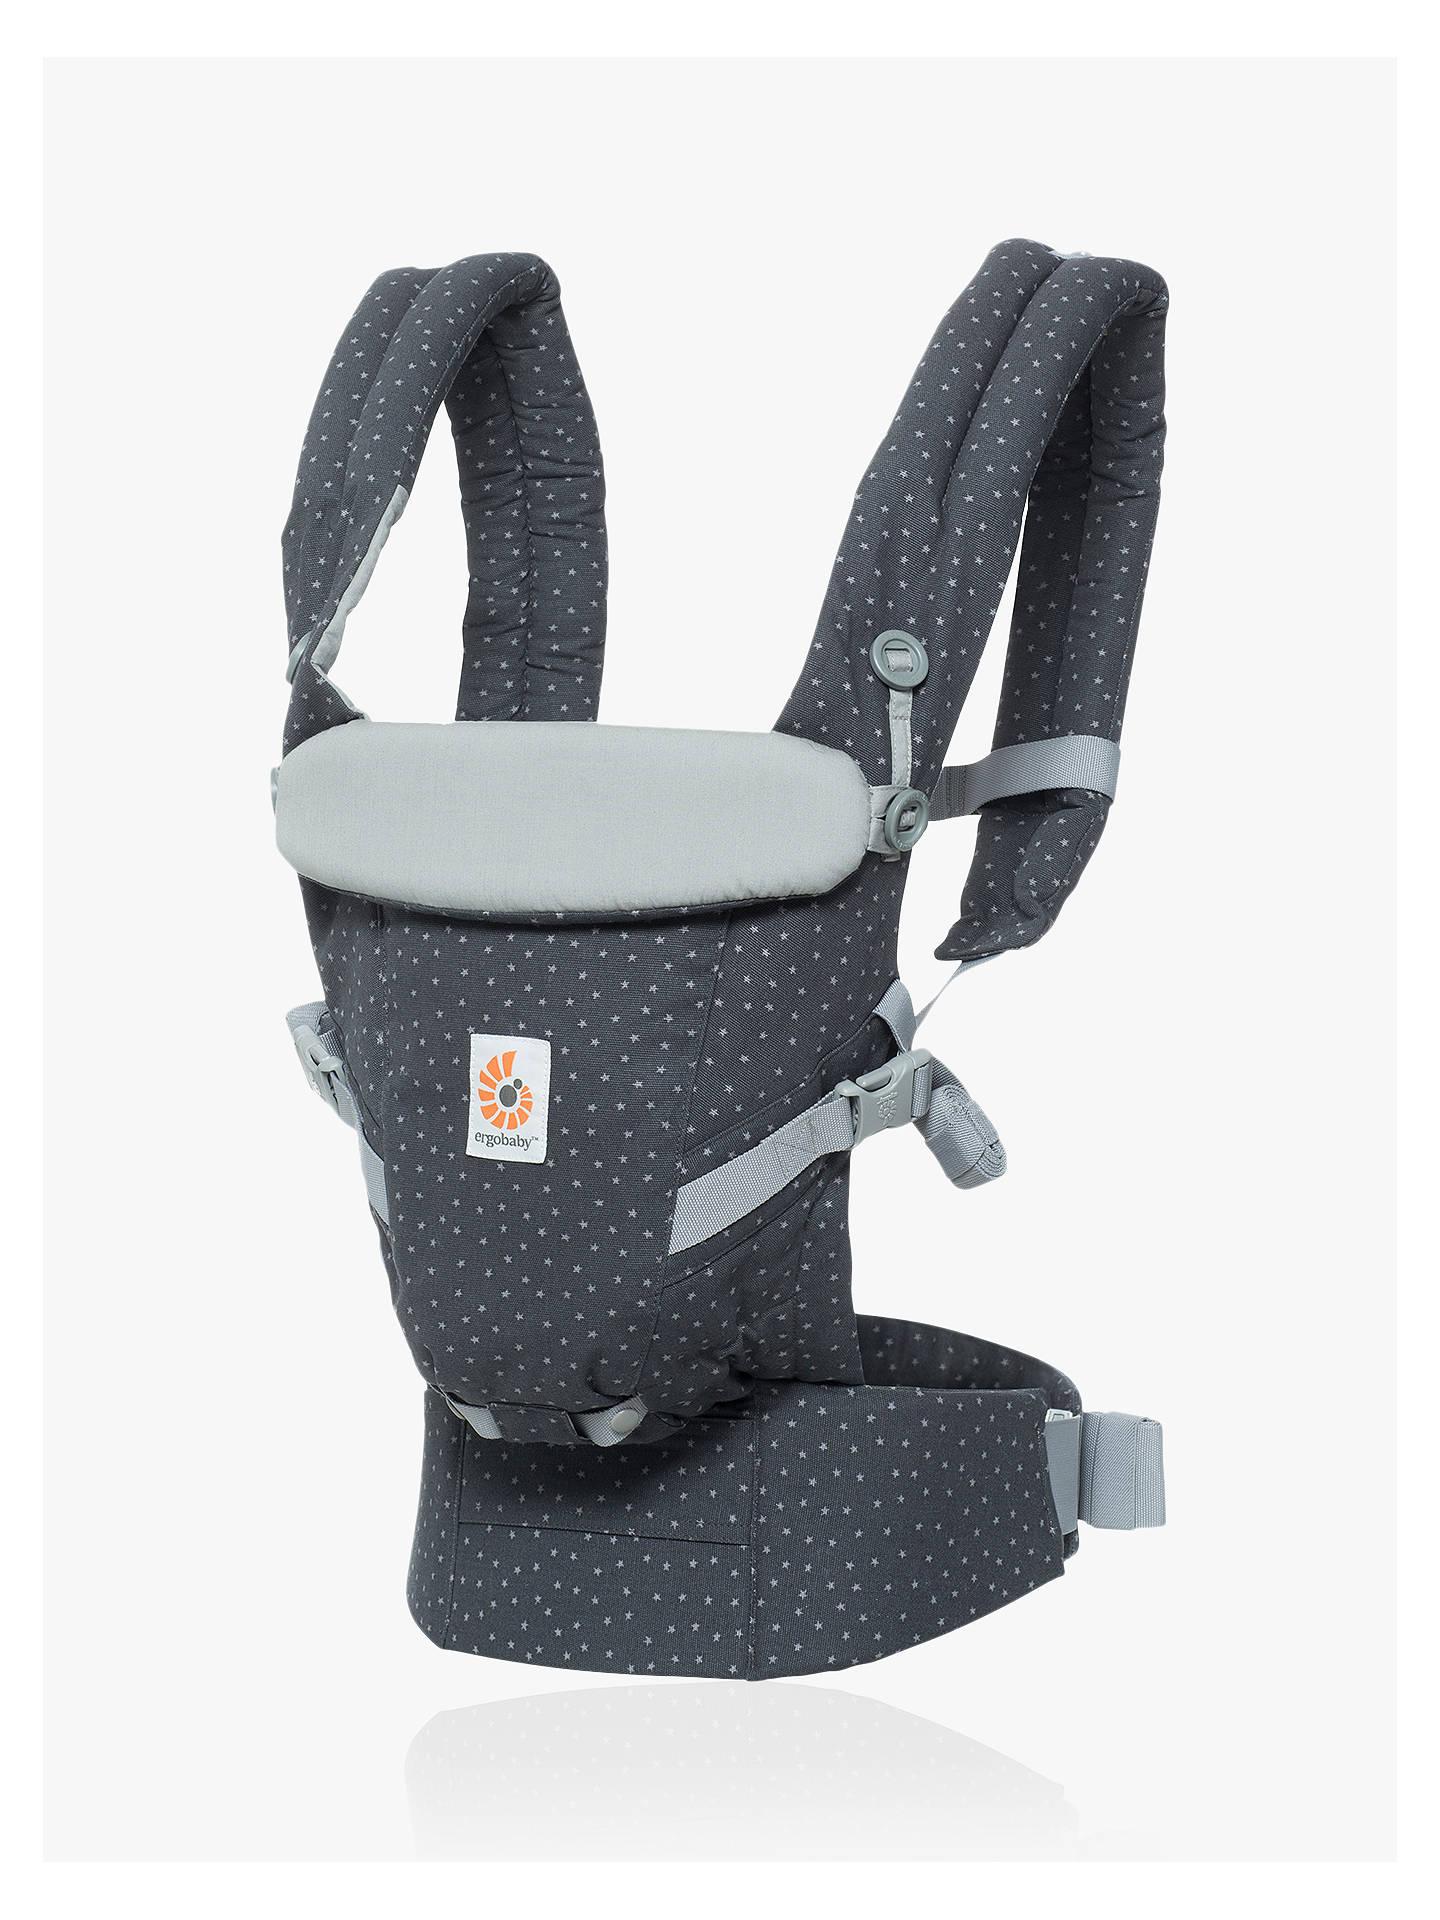 96c005e5753 Buy Ergobaby Adapt Baby Carrier